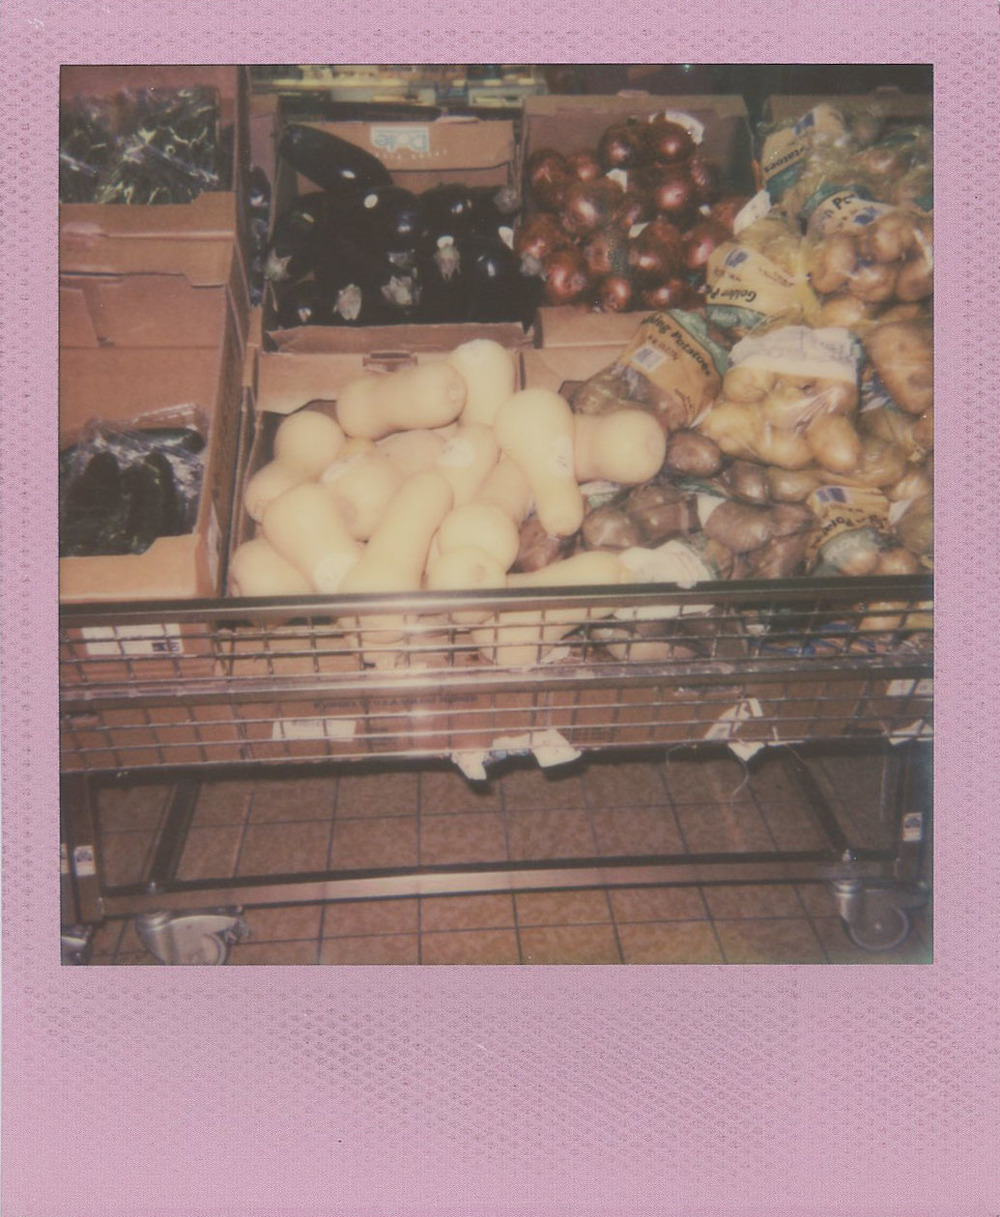 grocery_veggie_bins.jpg